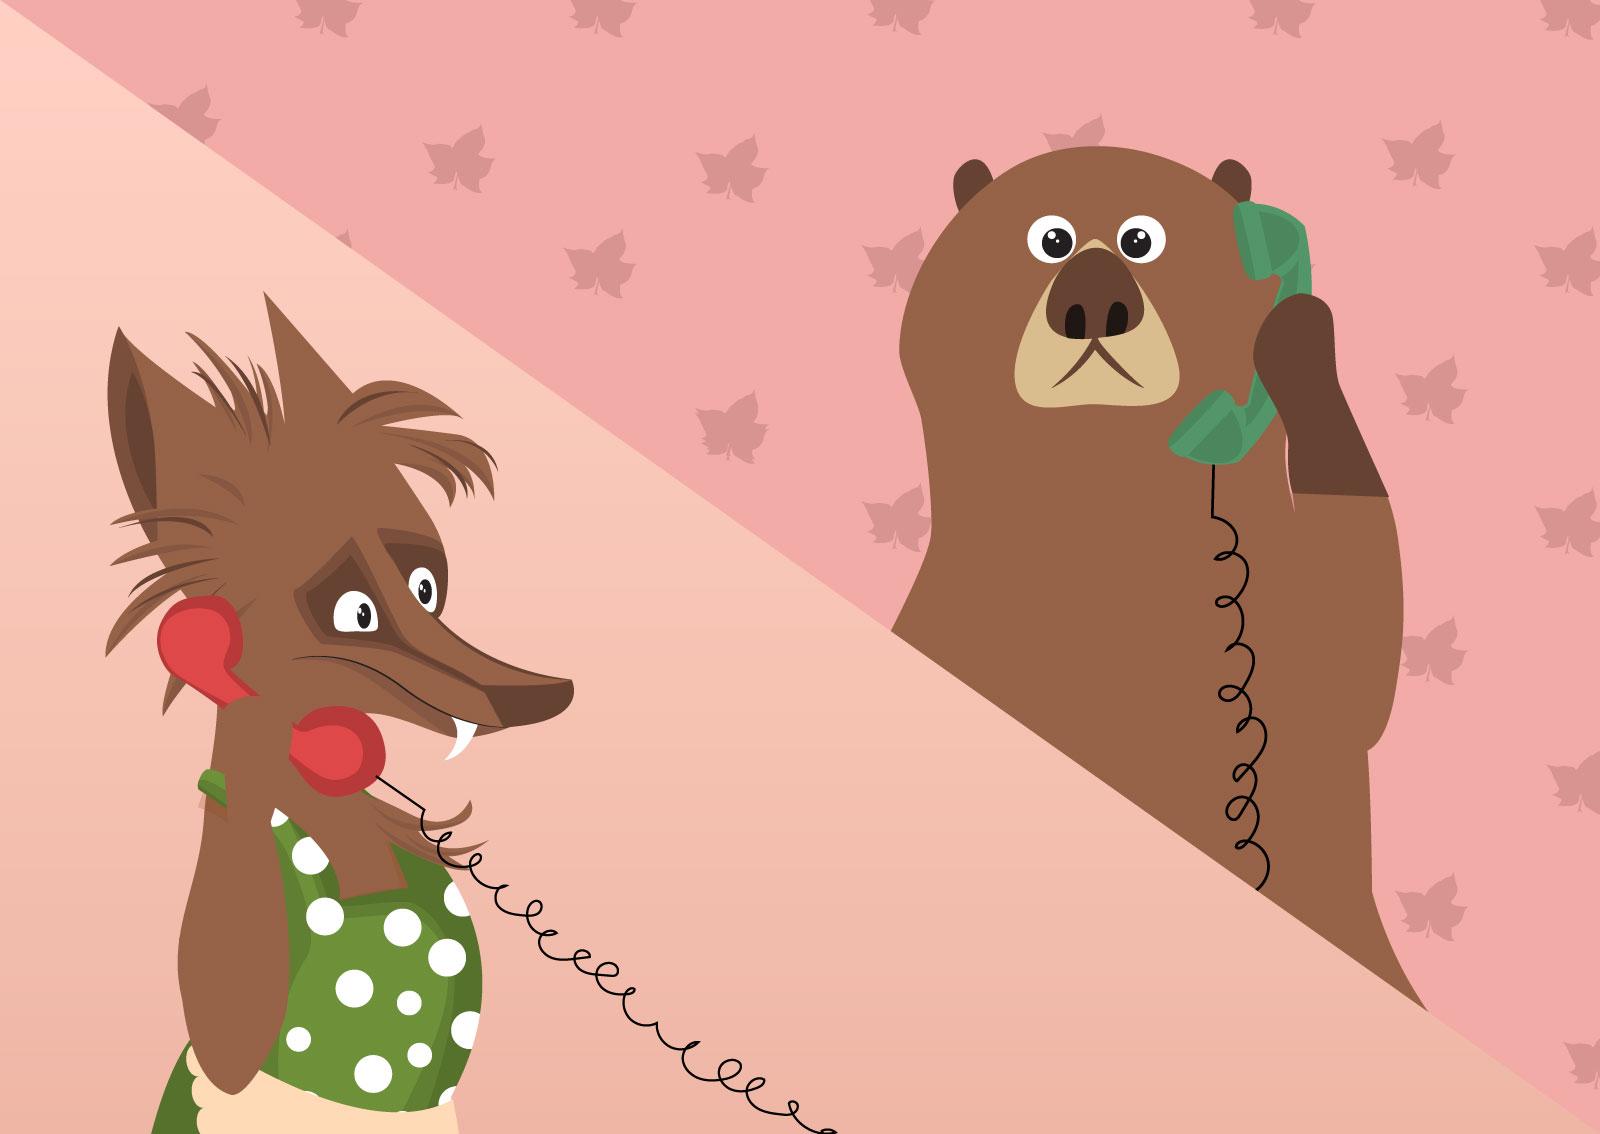 Ilustracija lisice i medveda koji razgovaraju telefonom